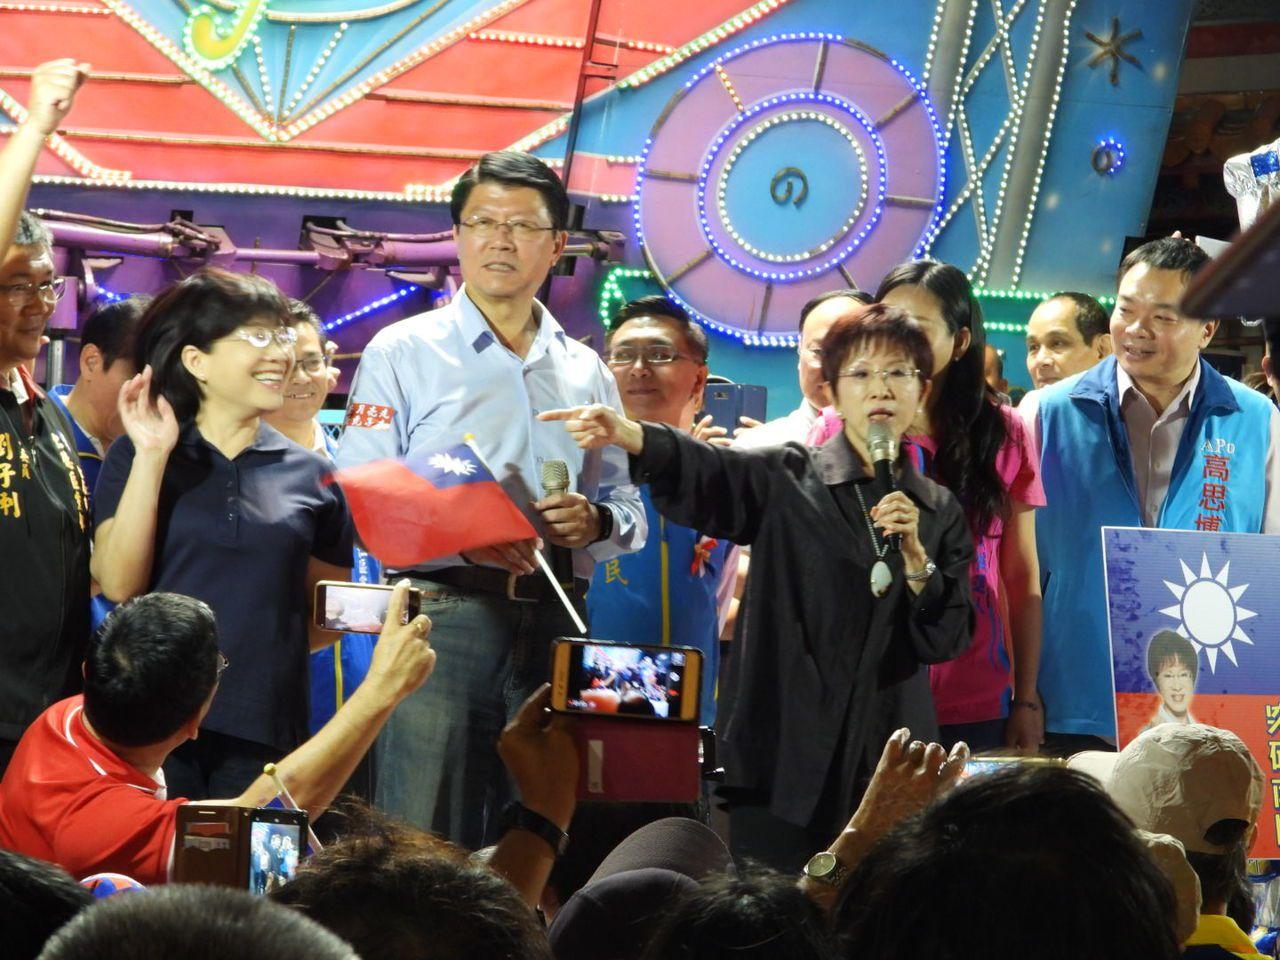 洪秀柱(右2)昨晚在台南造勢火力全開,重砲批評蔡英文。記者周宗禎/攝影